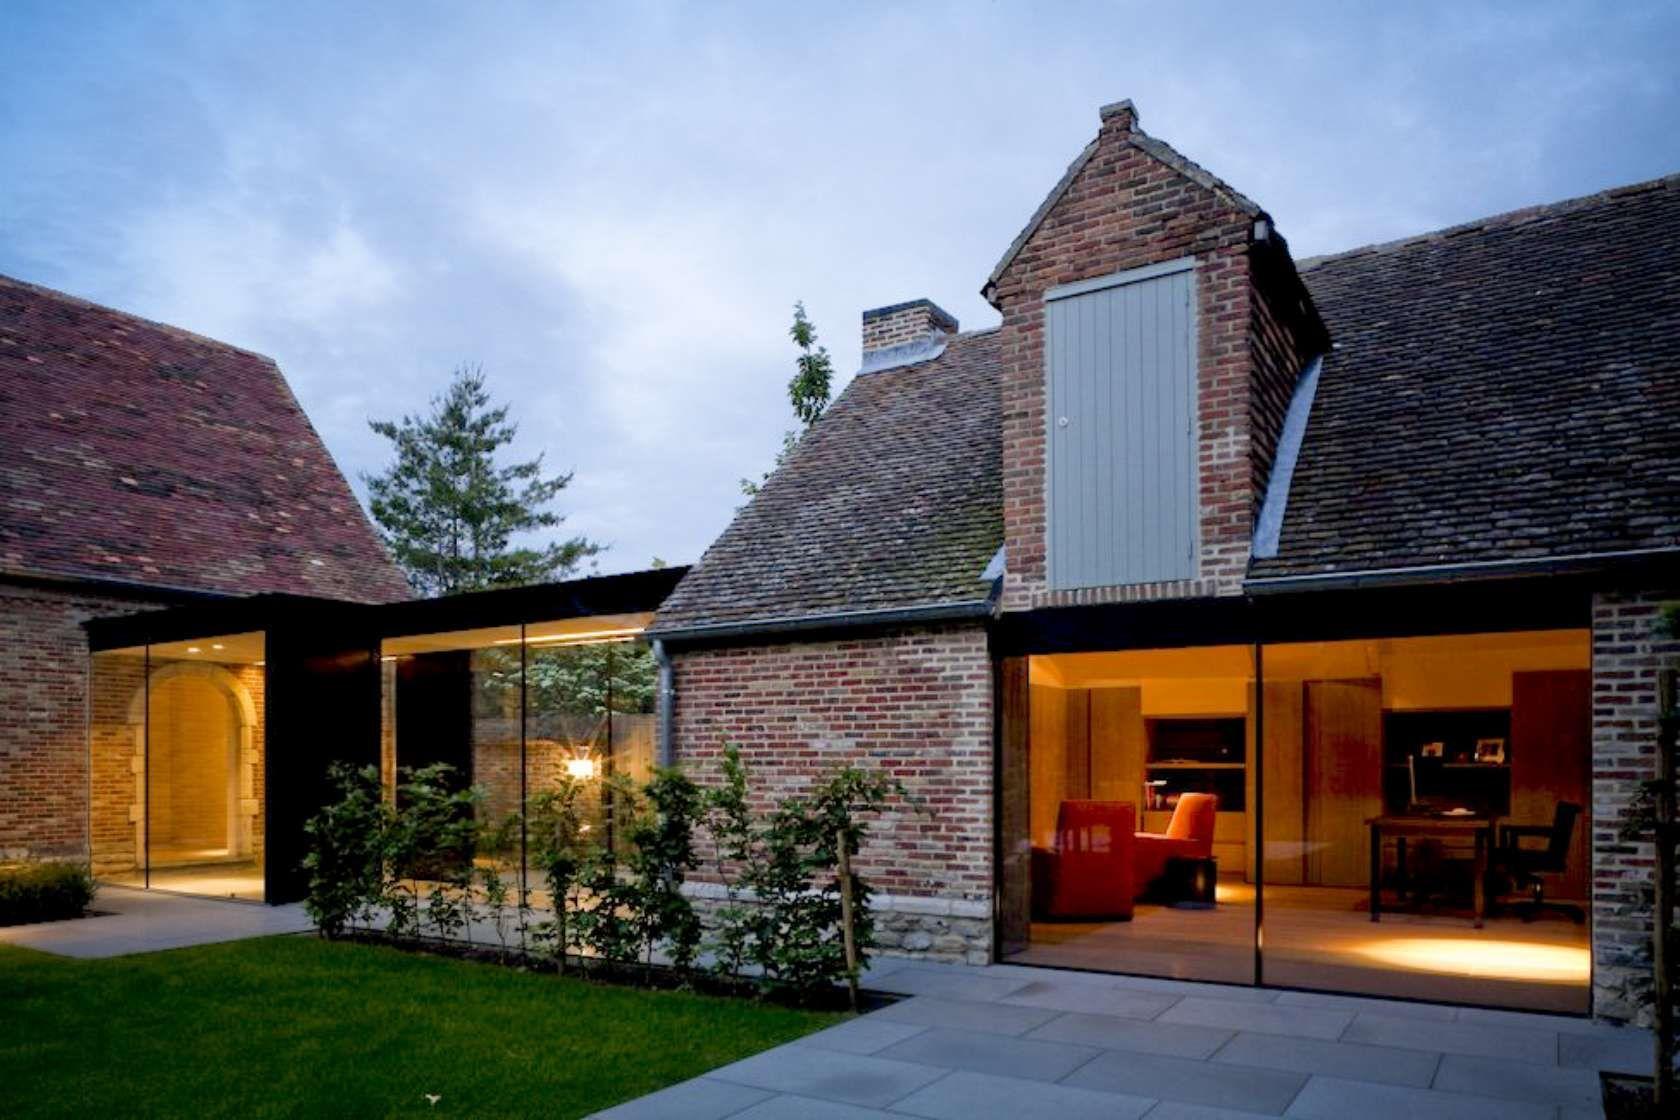 Hausdesign mit vier schlafzimmern pin von jonas luft auf balkon und garten  pinterest  haus